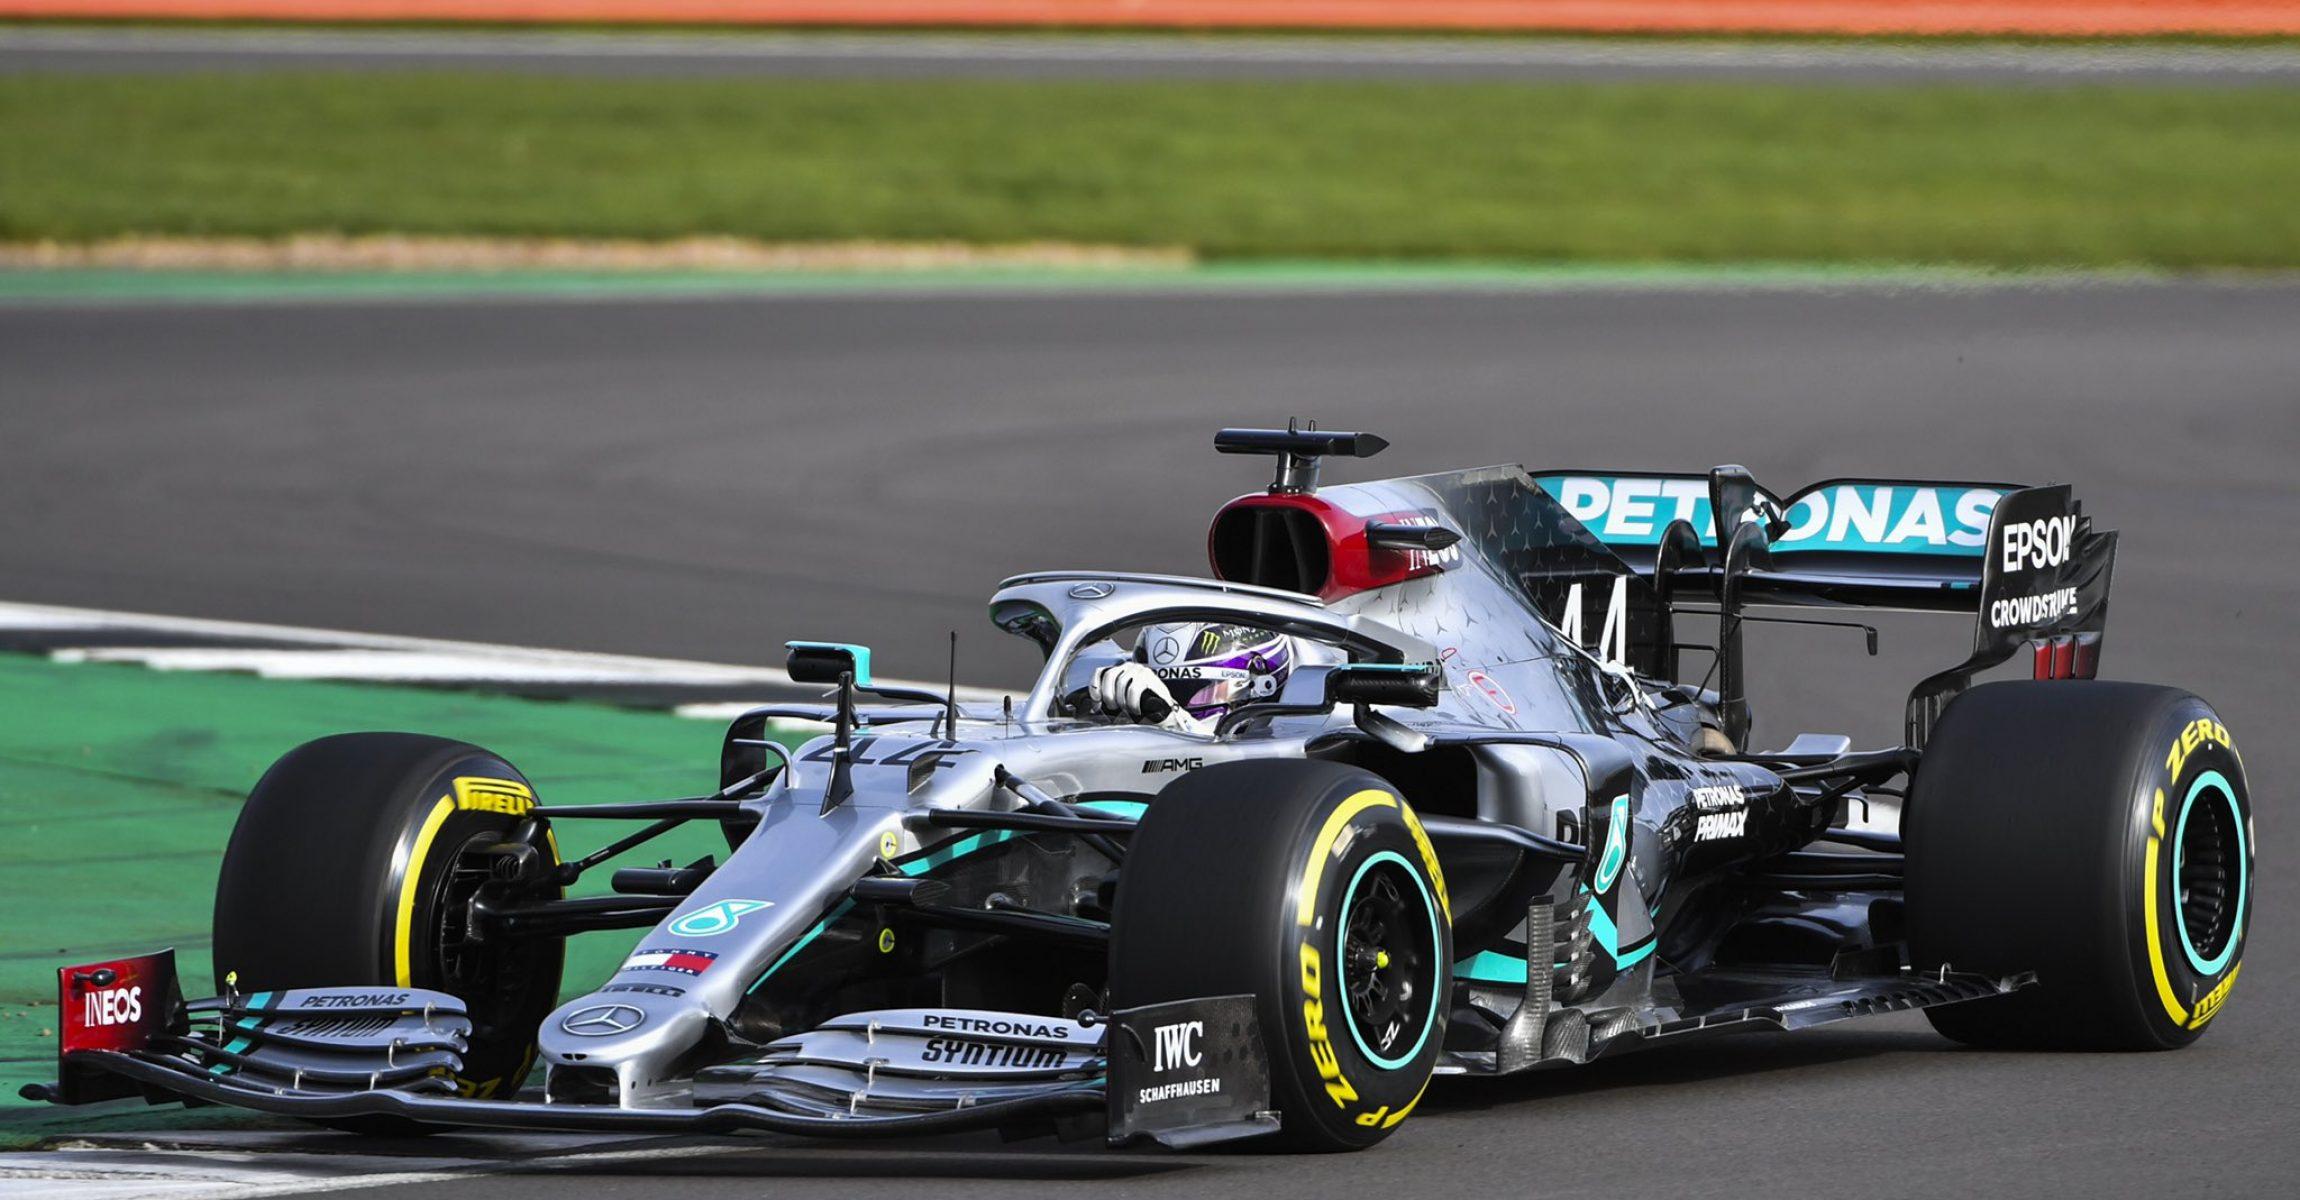 Lewis Hamilton Mercedes W11 Silverstone